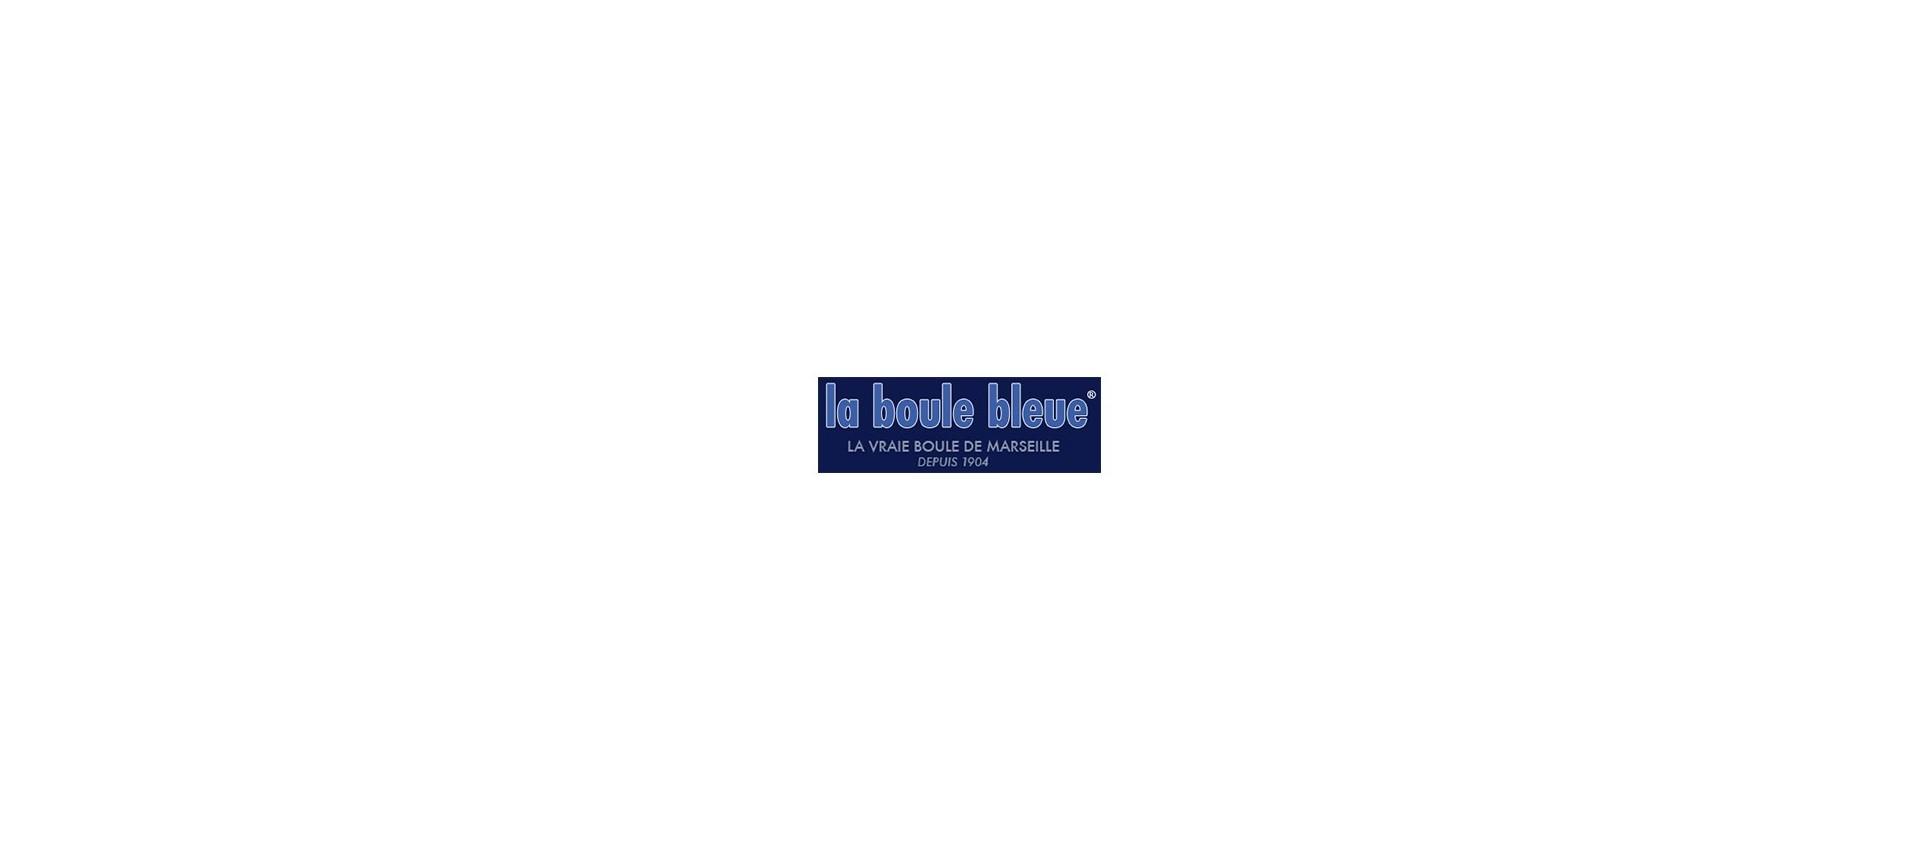 Vente Boules Pétanque La Boule Bleue au meilleur prix du web !